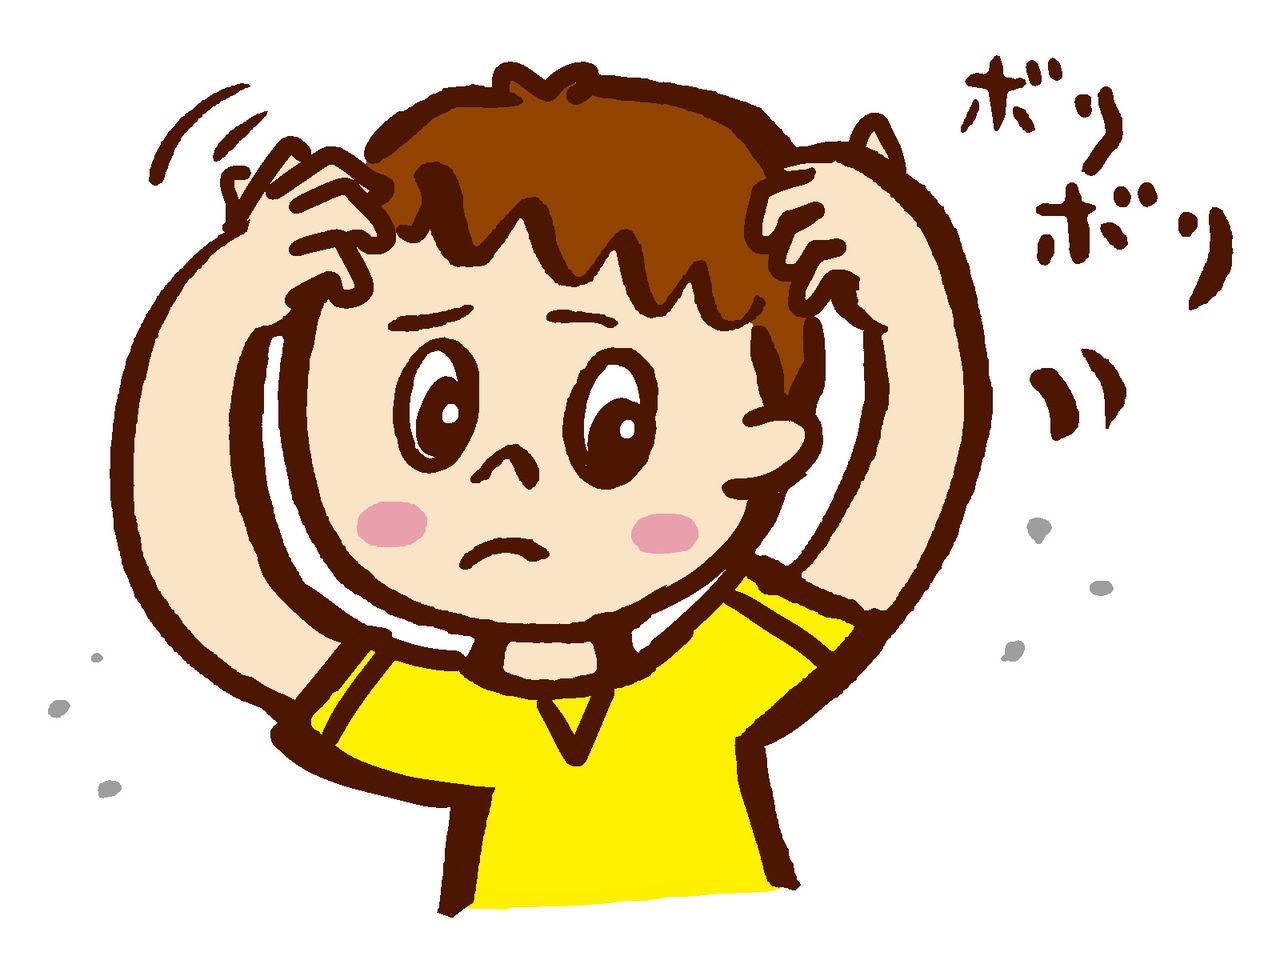 頭皮かさぶた ストレス